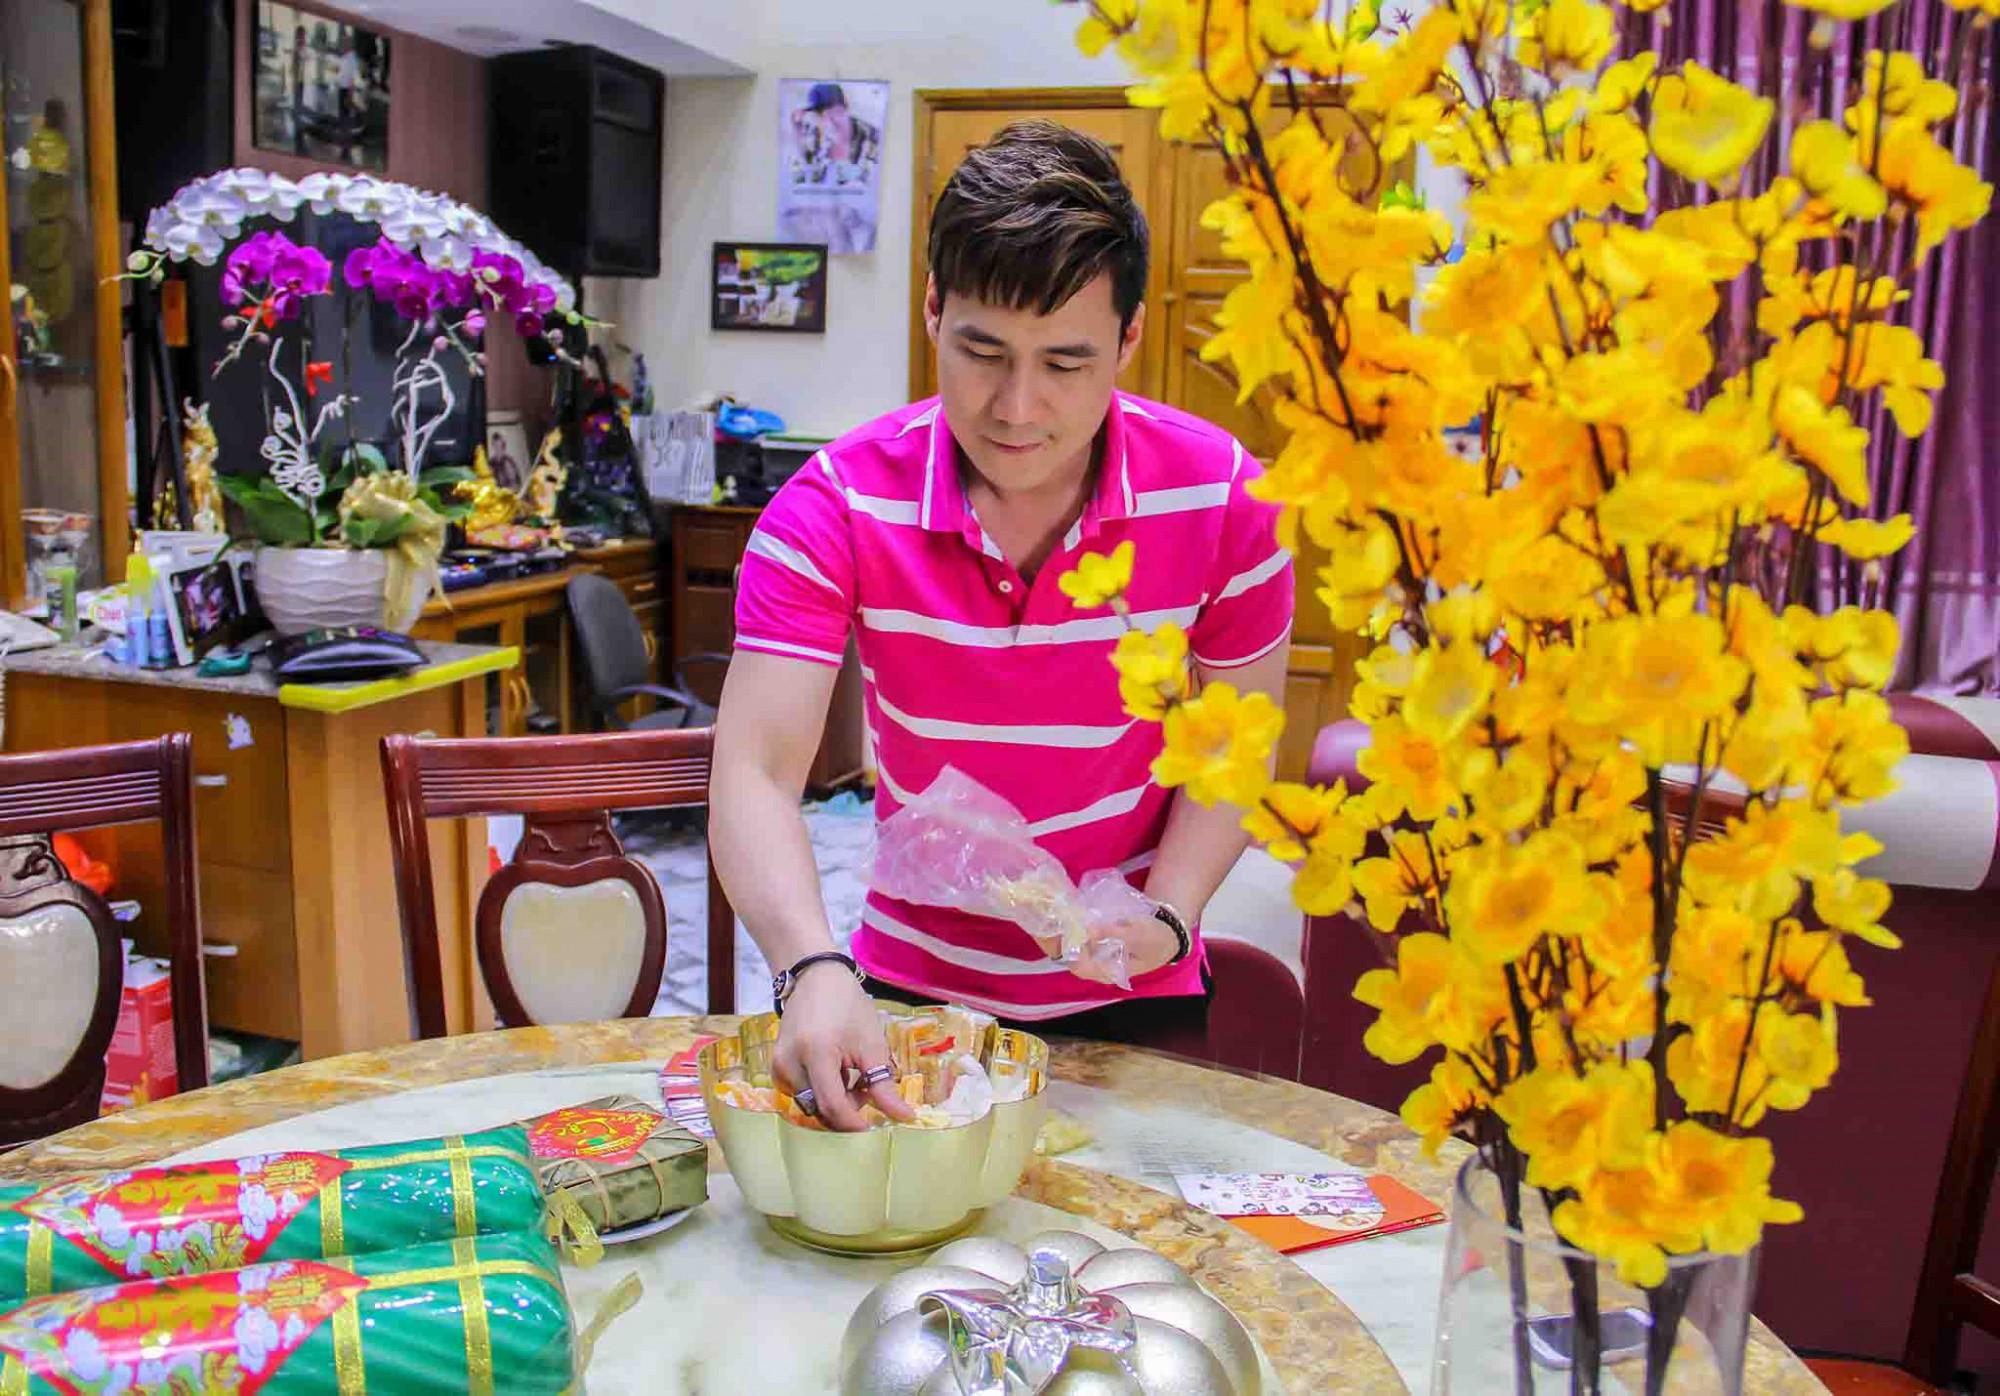 Đón tết Canh Tý năm nay, Khánh Phương và gia đình chuẩn bị 200 phần quà sức khỏe gồm bánh chưng, giò lụa và Trà thanh nhiệt Dr Thanh để biếu tặng người thân, bạn bè